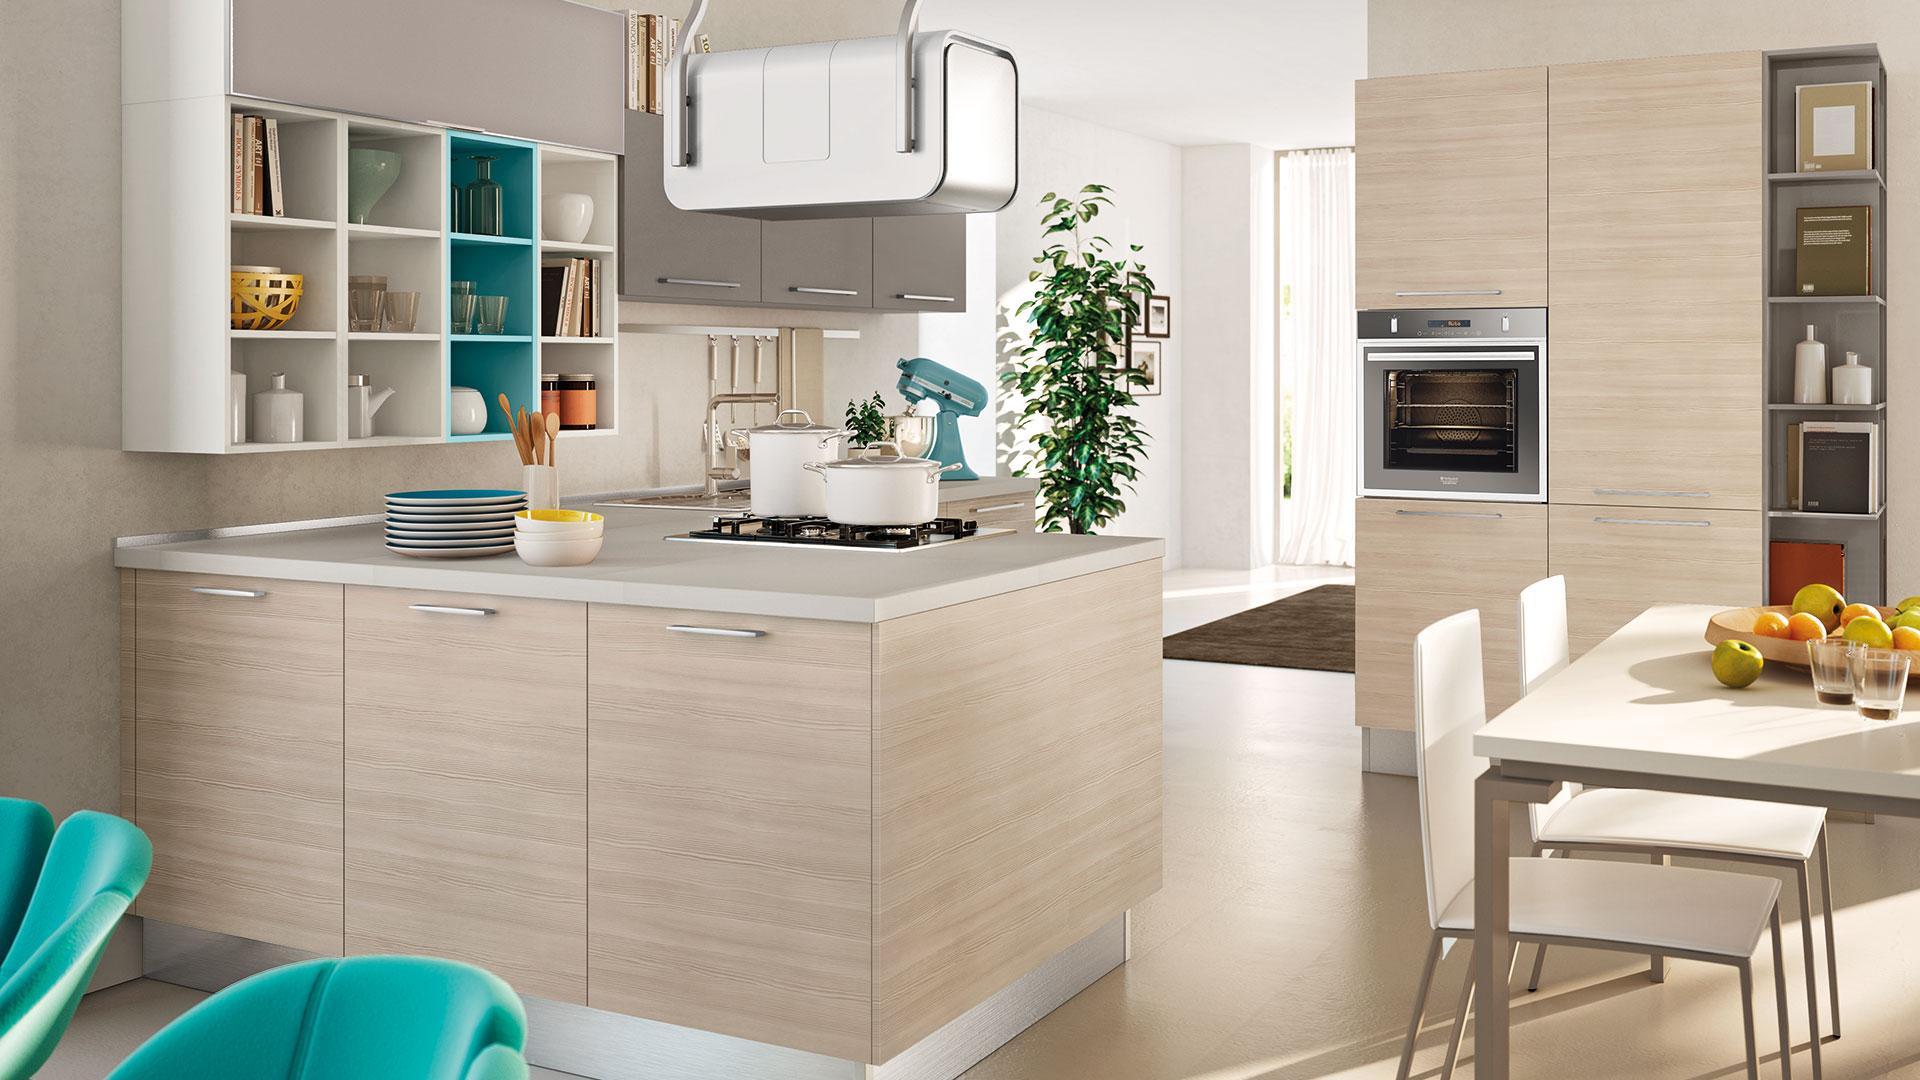 Beautiful Soggiorni Moderni Lube Photos - Modern Home Design ...